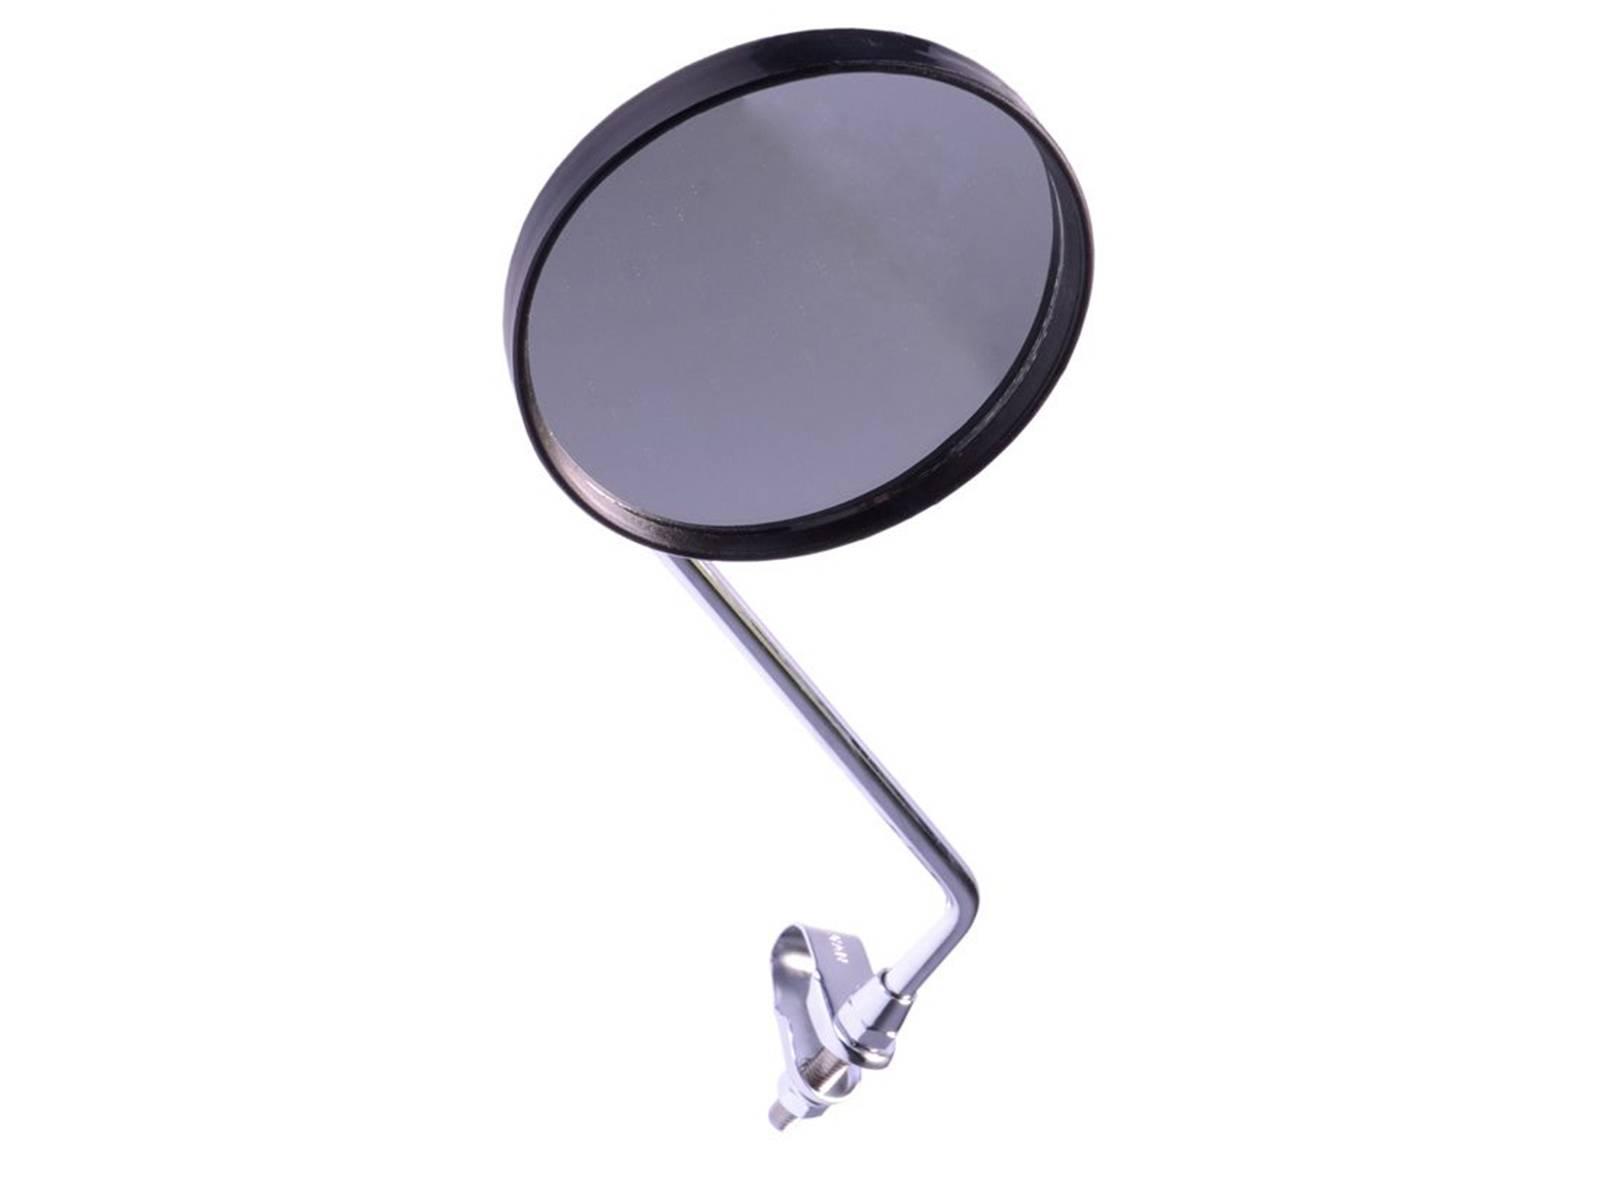 Simson Spiegel Klein, Durchmesser 10,5 cm, mit Lenkerklemme